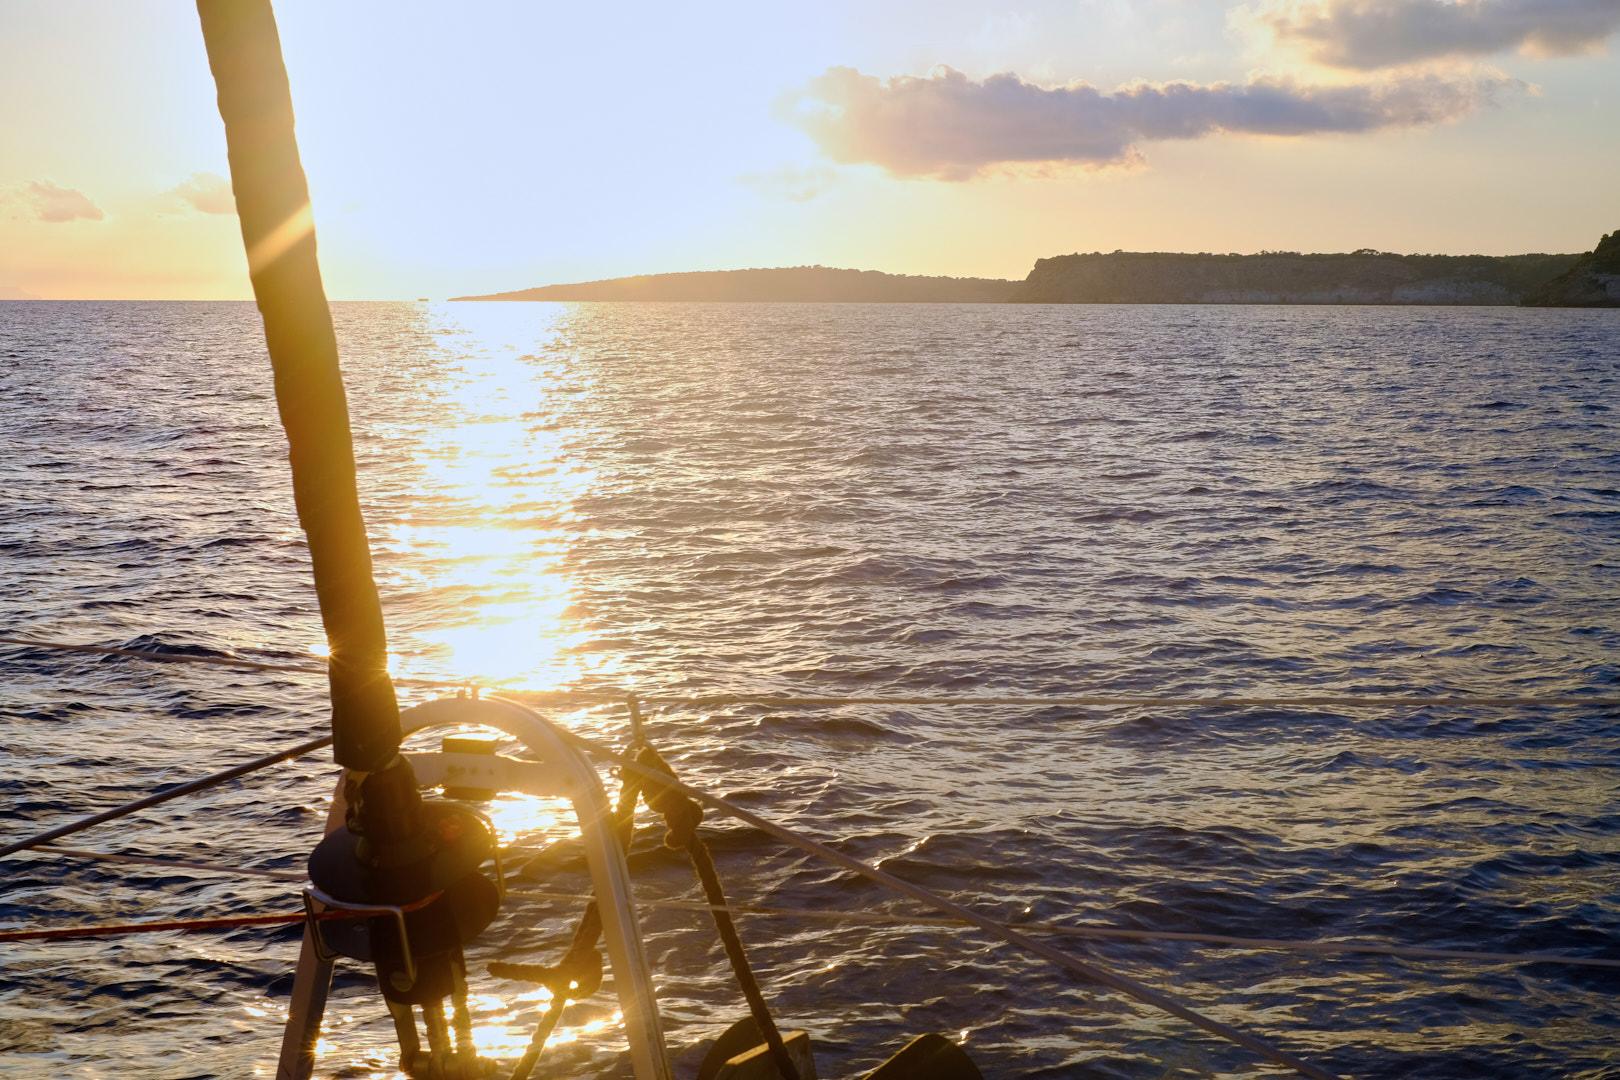 comprobaciones antes de salir a navegar